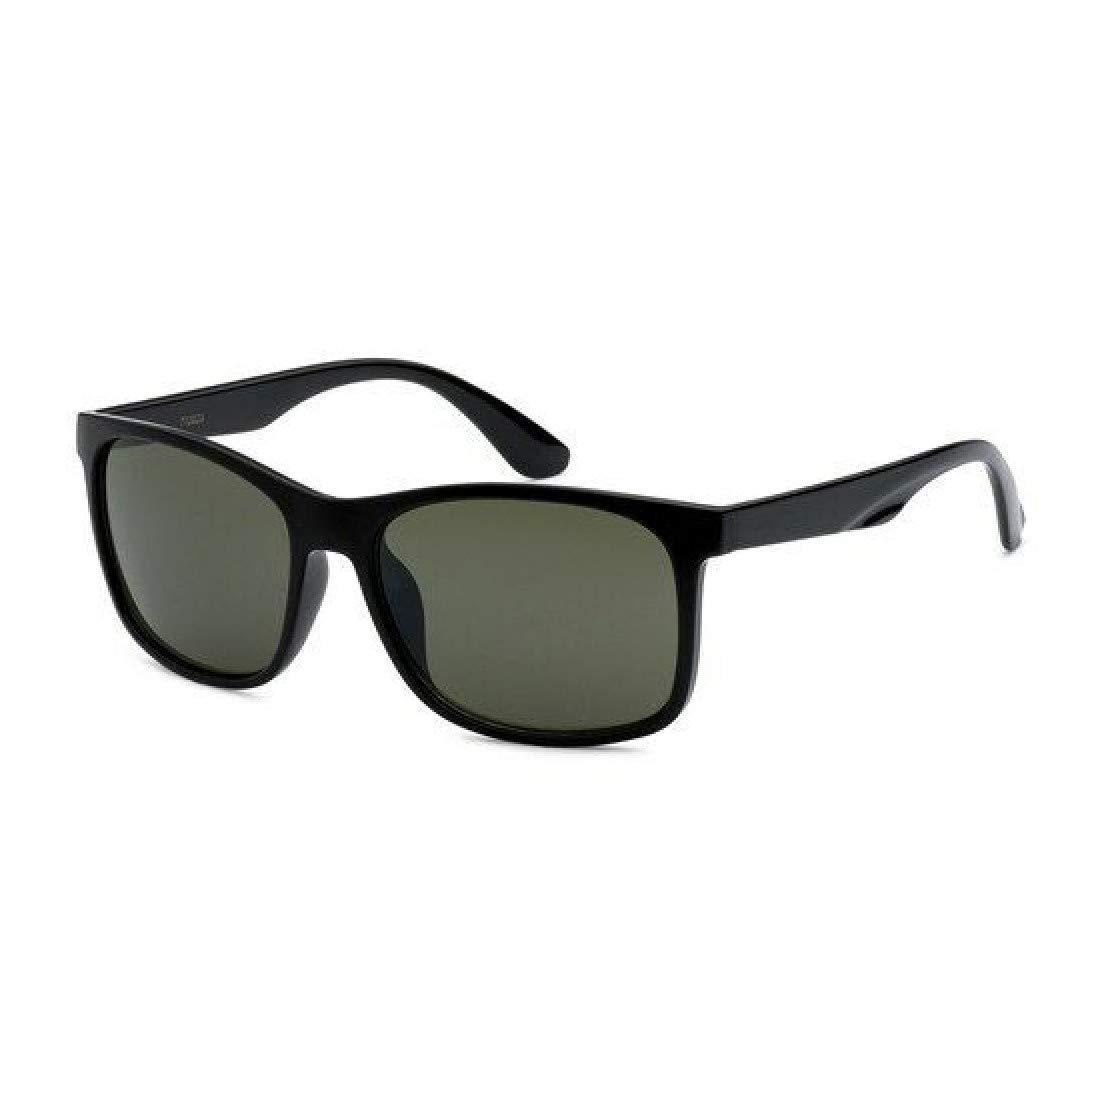 Retro Vintage Classic Unisex Trending Men Women Square Sunglasses